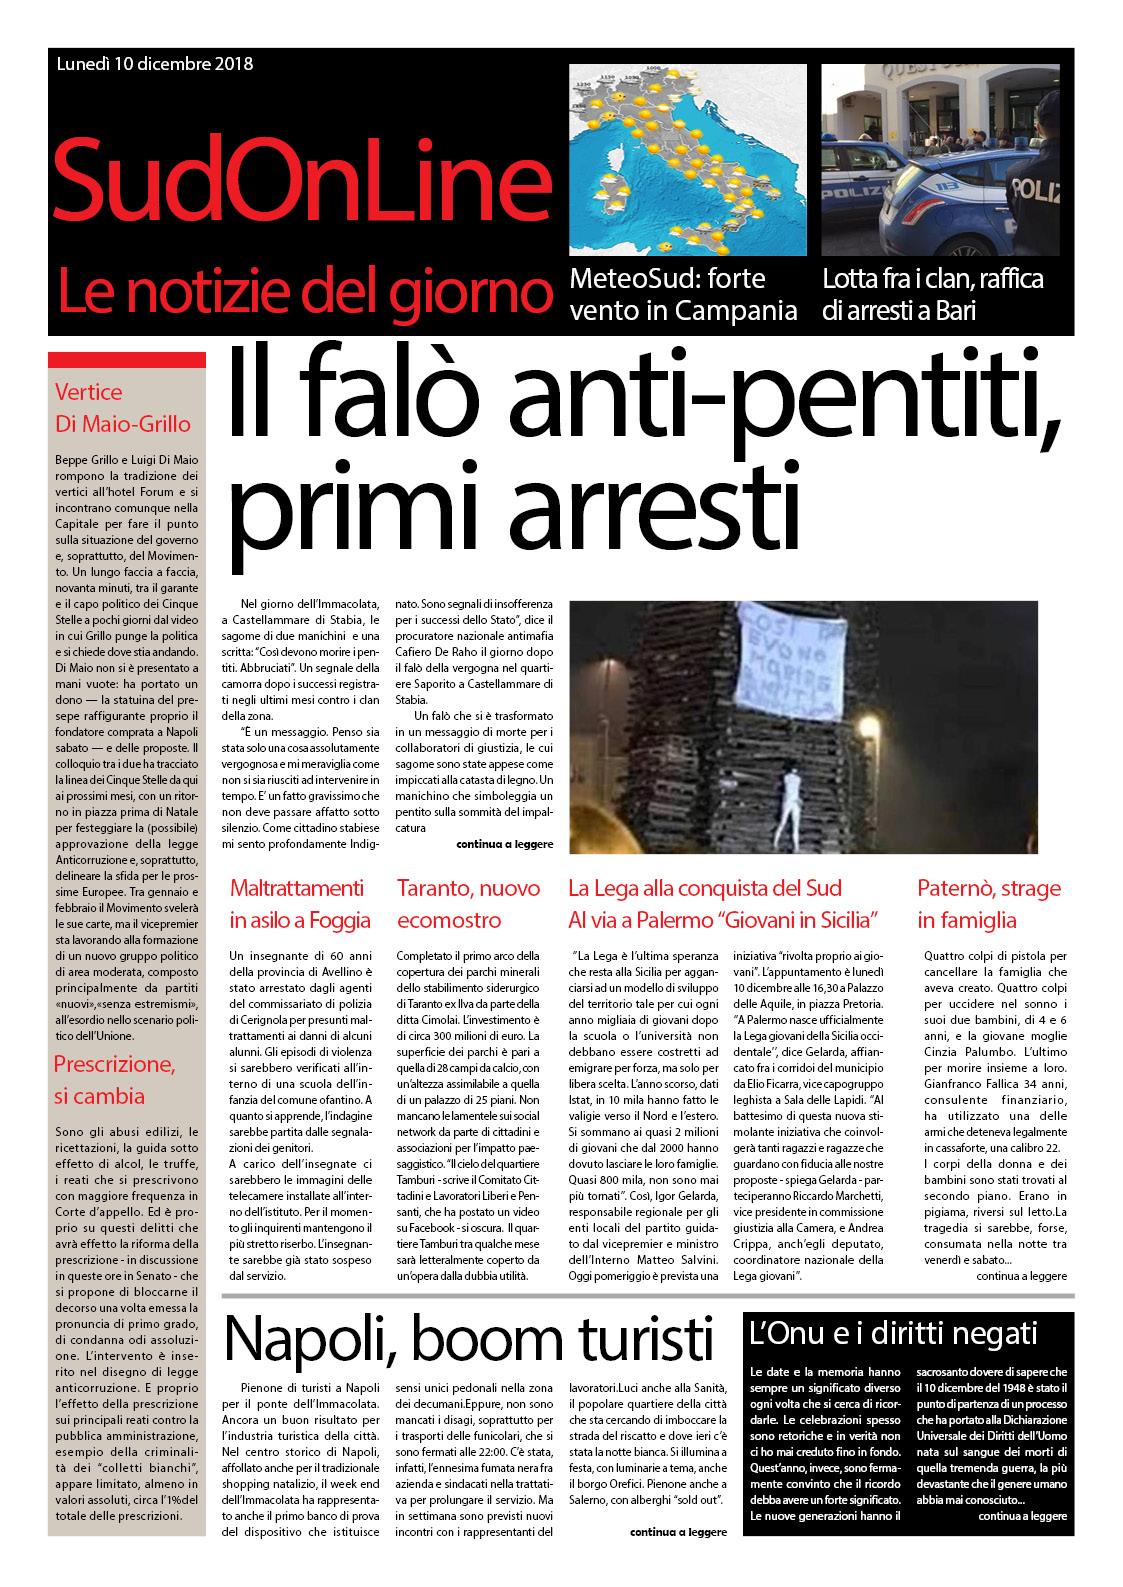 Il SudOnLine Quotidiano del 10 dicembre 2018 – Il falò della vergogna a Castellammare – L'anniversario della dichiarazione dei diritti dell'uomo – La strage della famiglia a Paternò